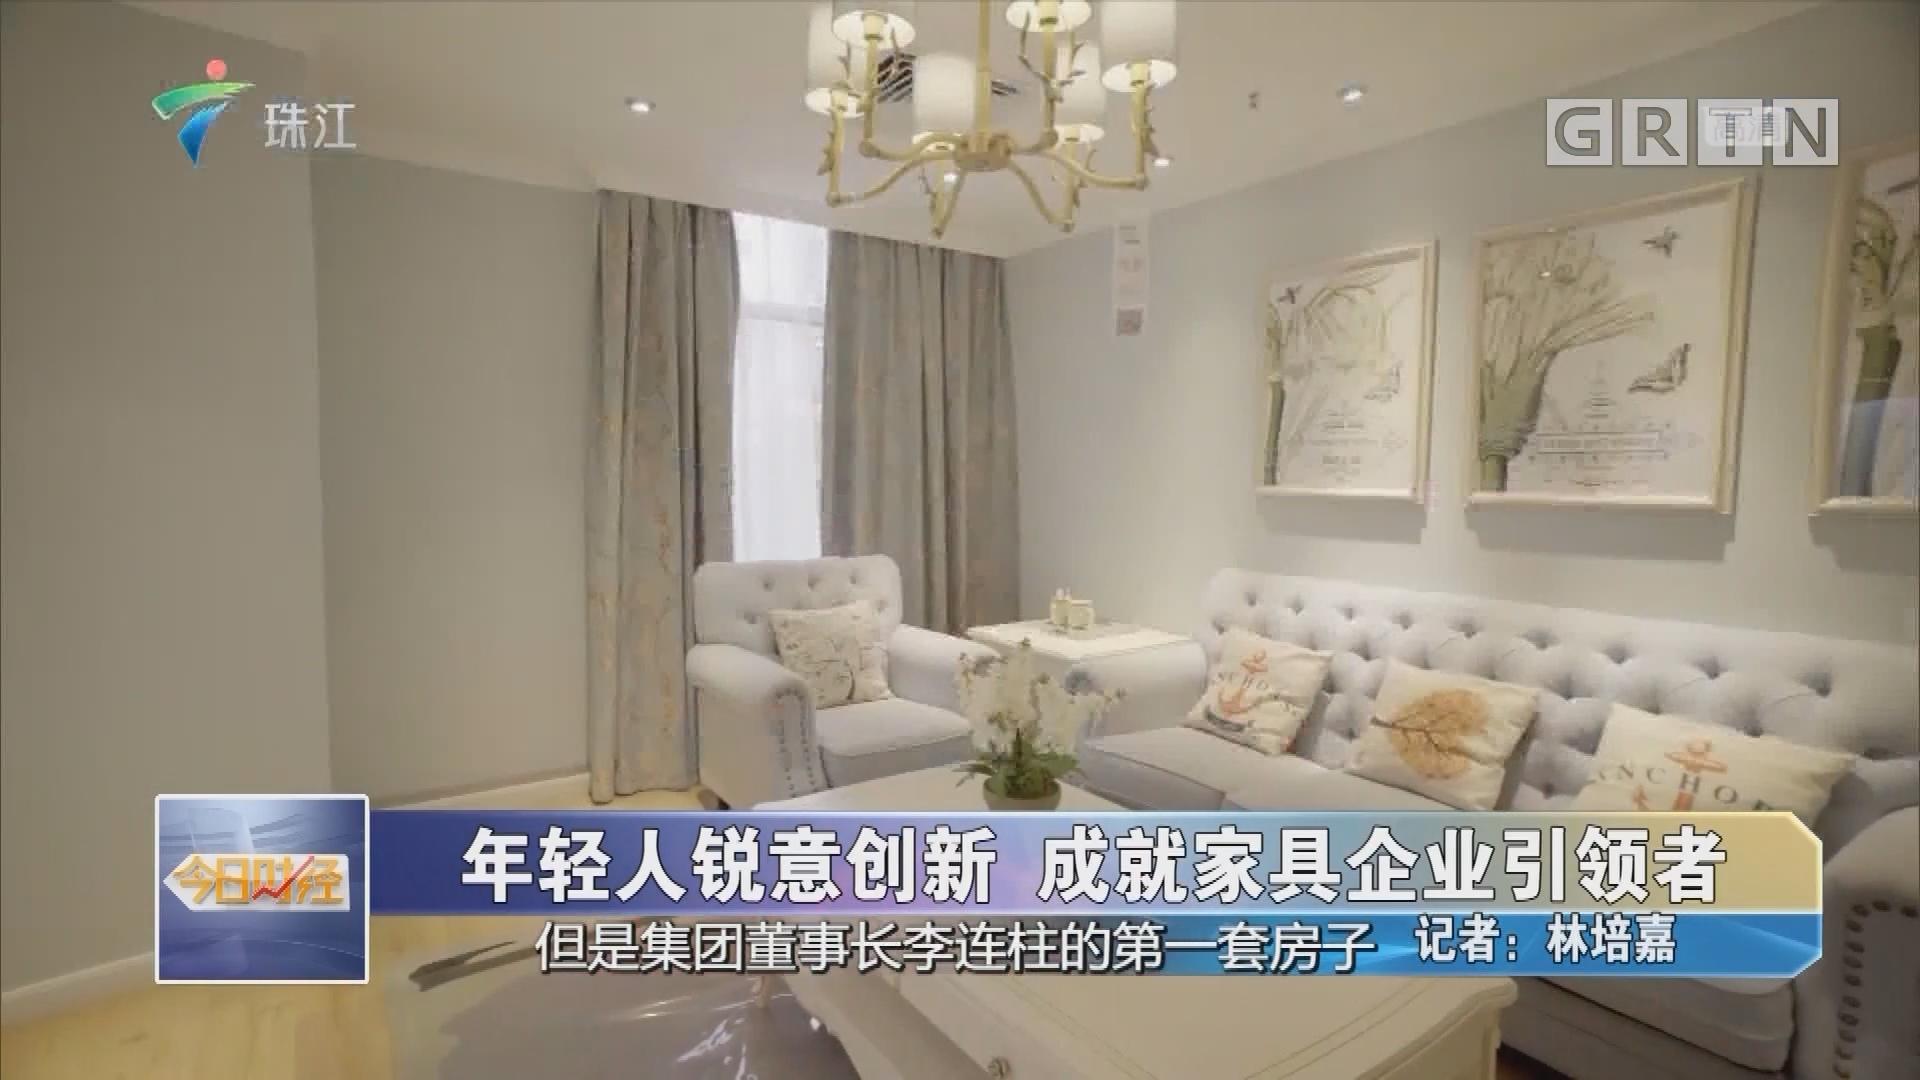 年轻人锐意创新 成就家具企业引领者